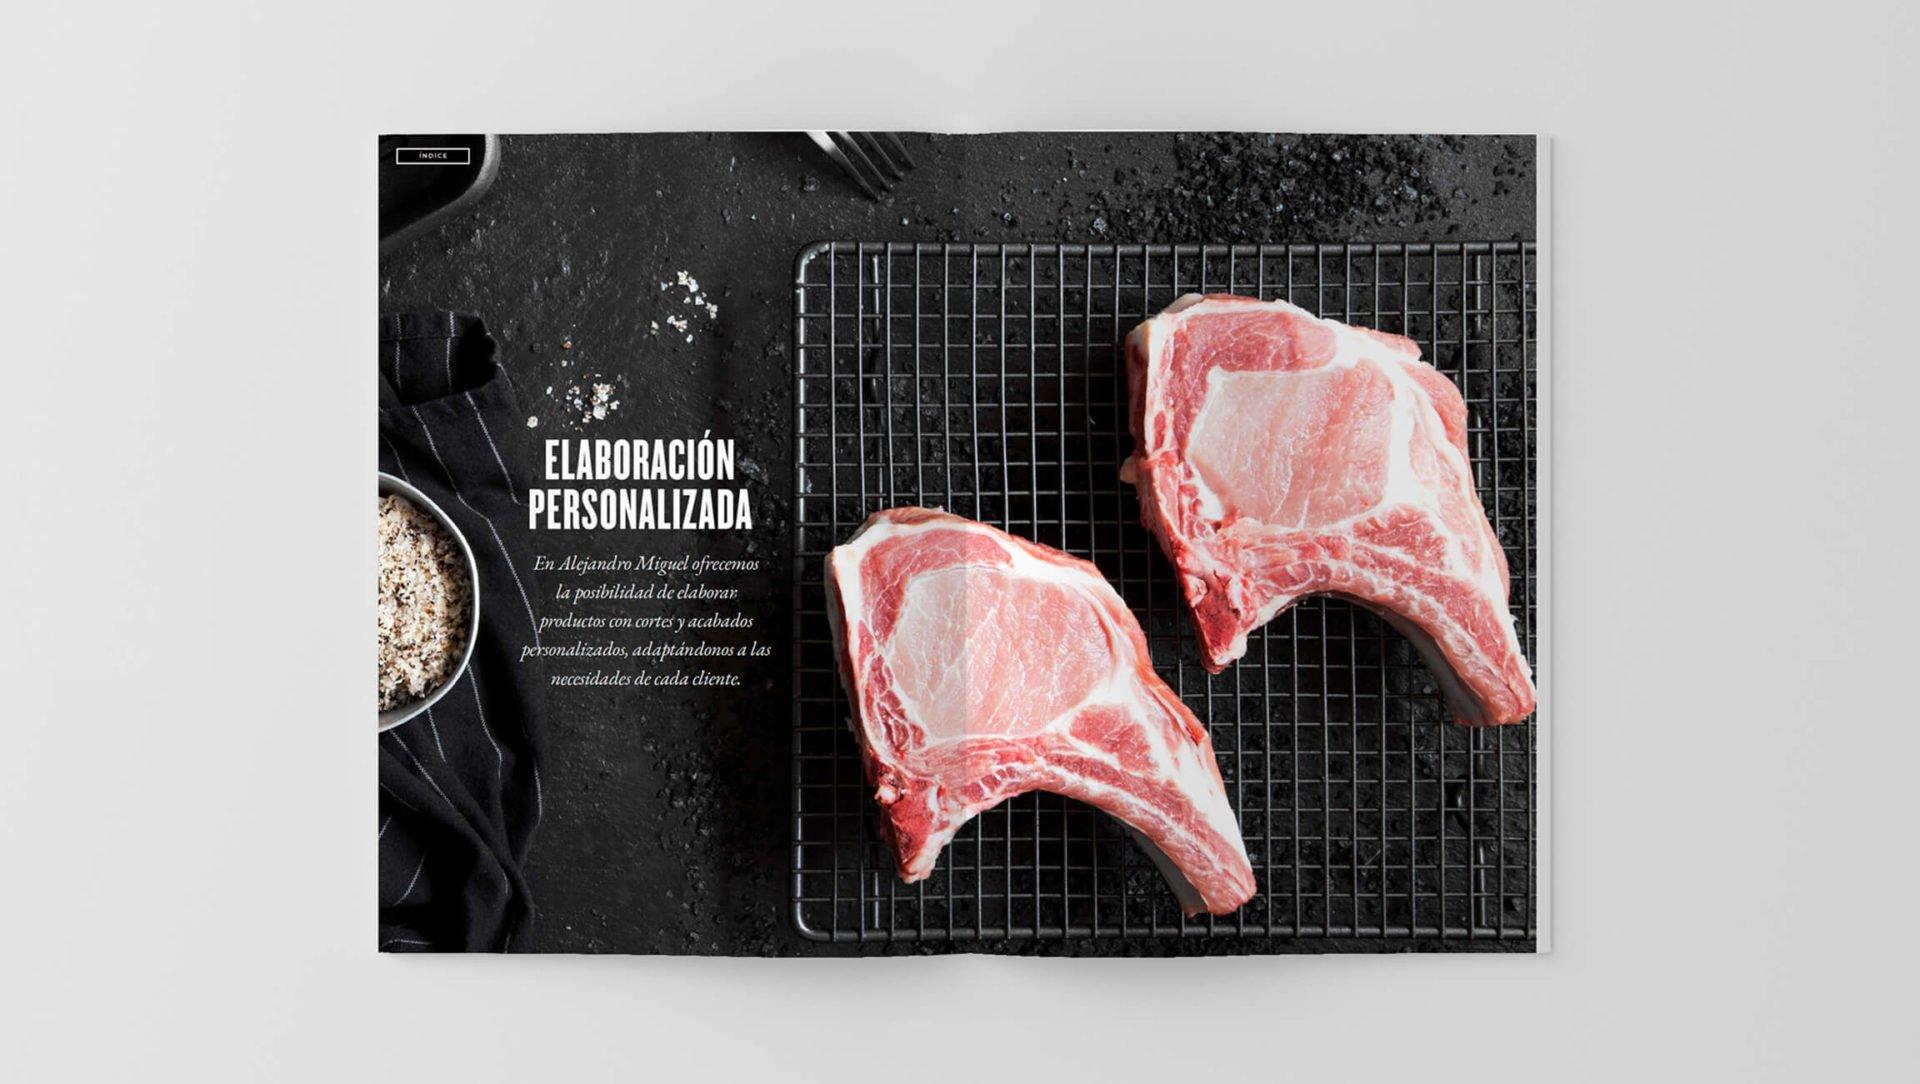 diseño-catalogo-carne-cerdo-duroc-alejandro-miguel-02